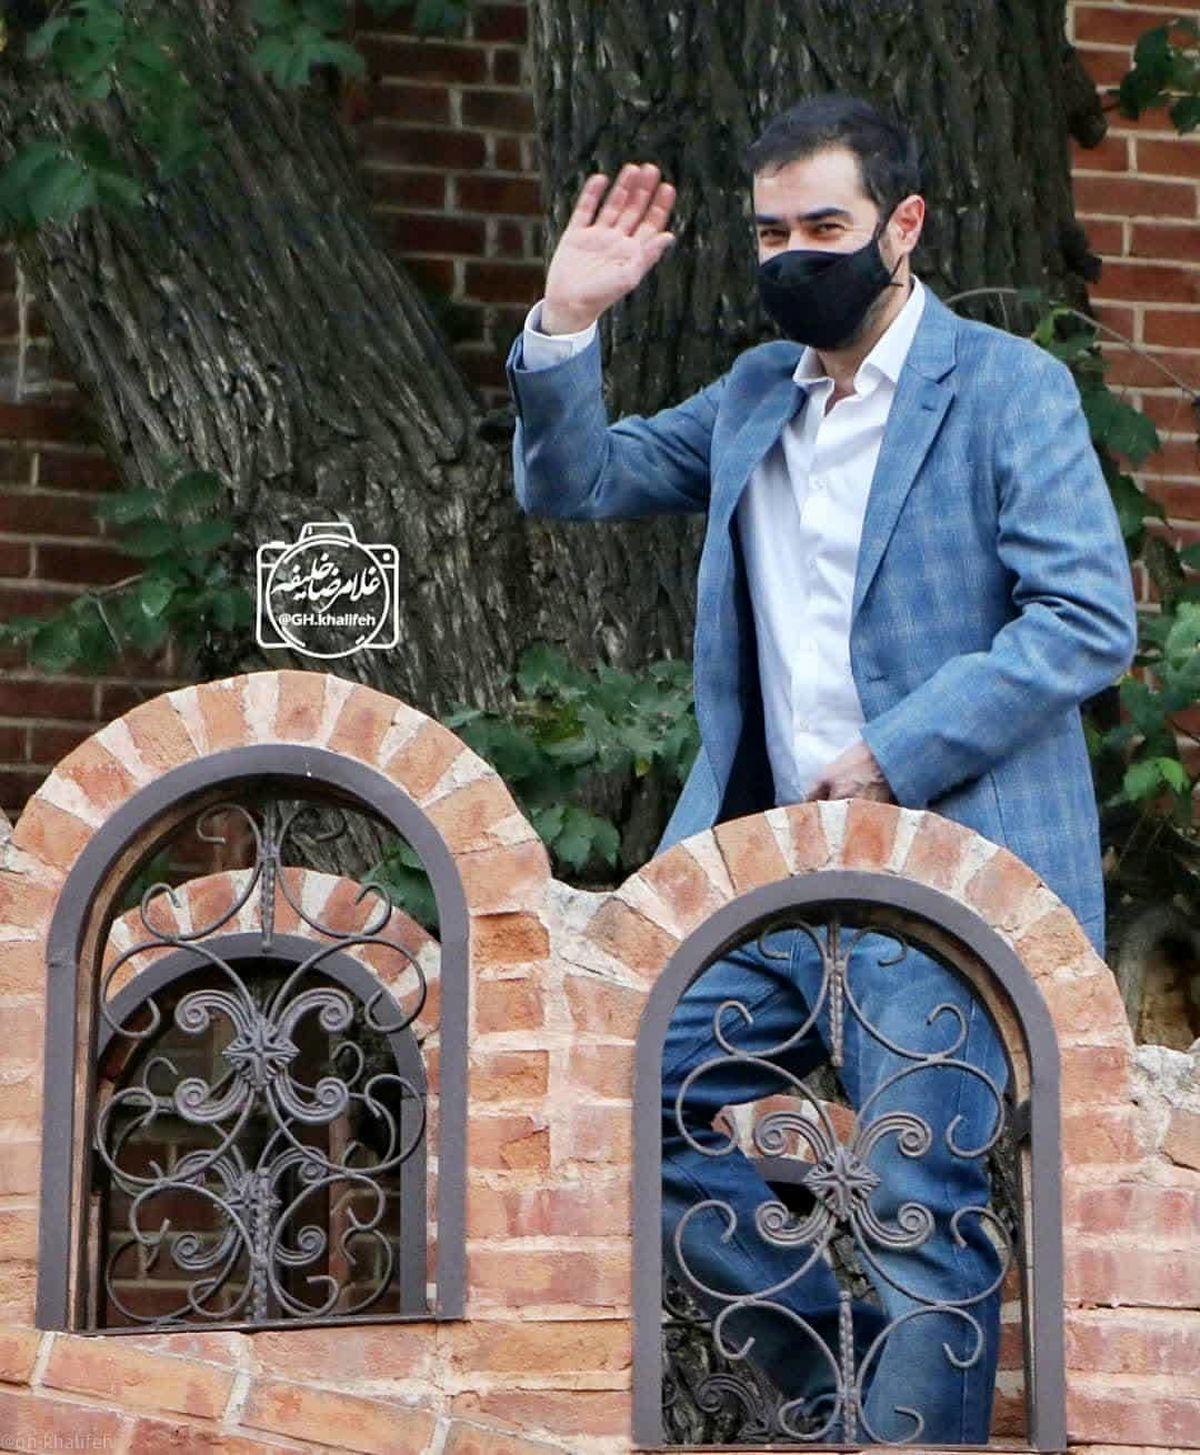 تغییر چهره شهاب حسینی همه را شوکه کرد| این مرد شهاب حسینی است؟!